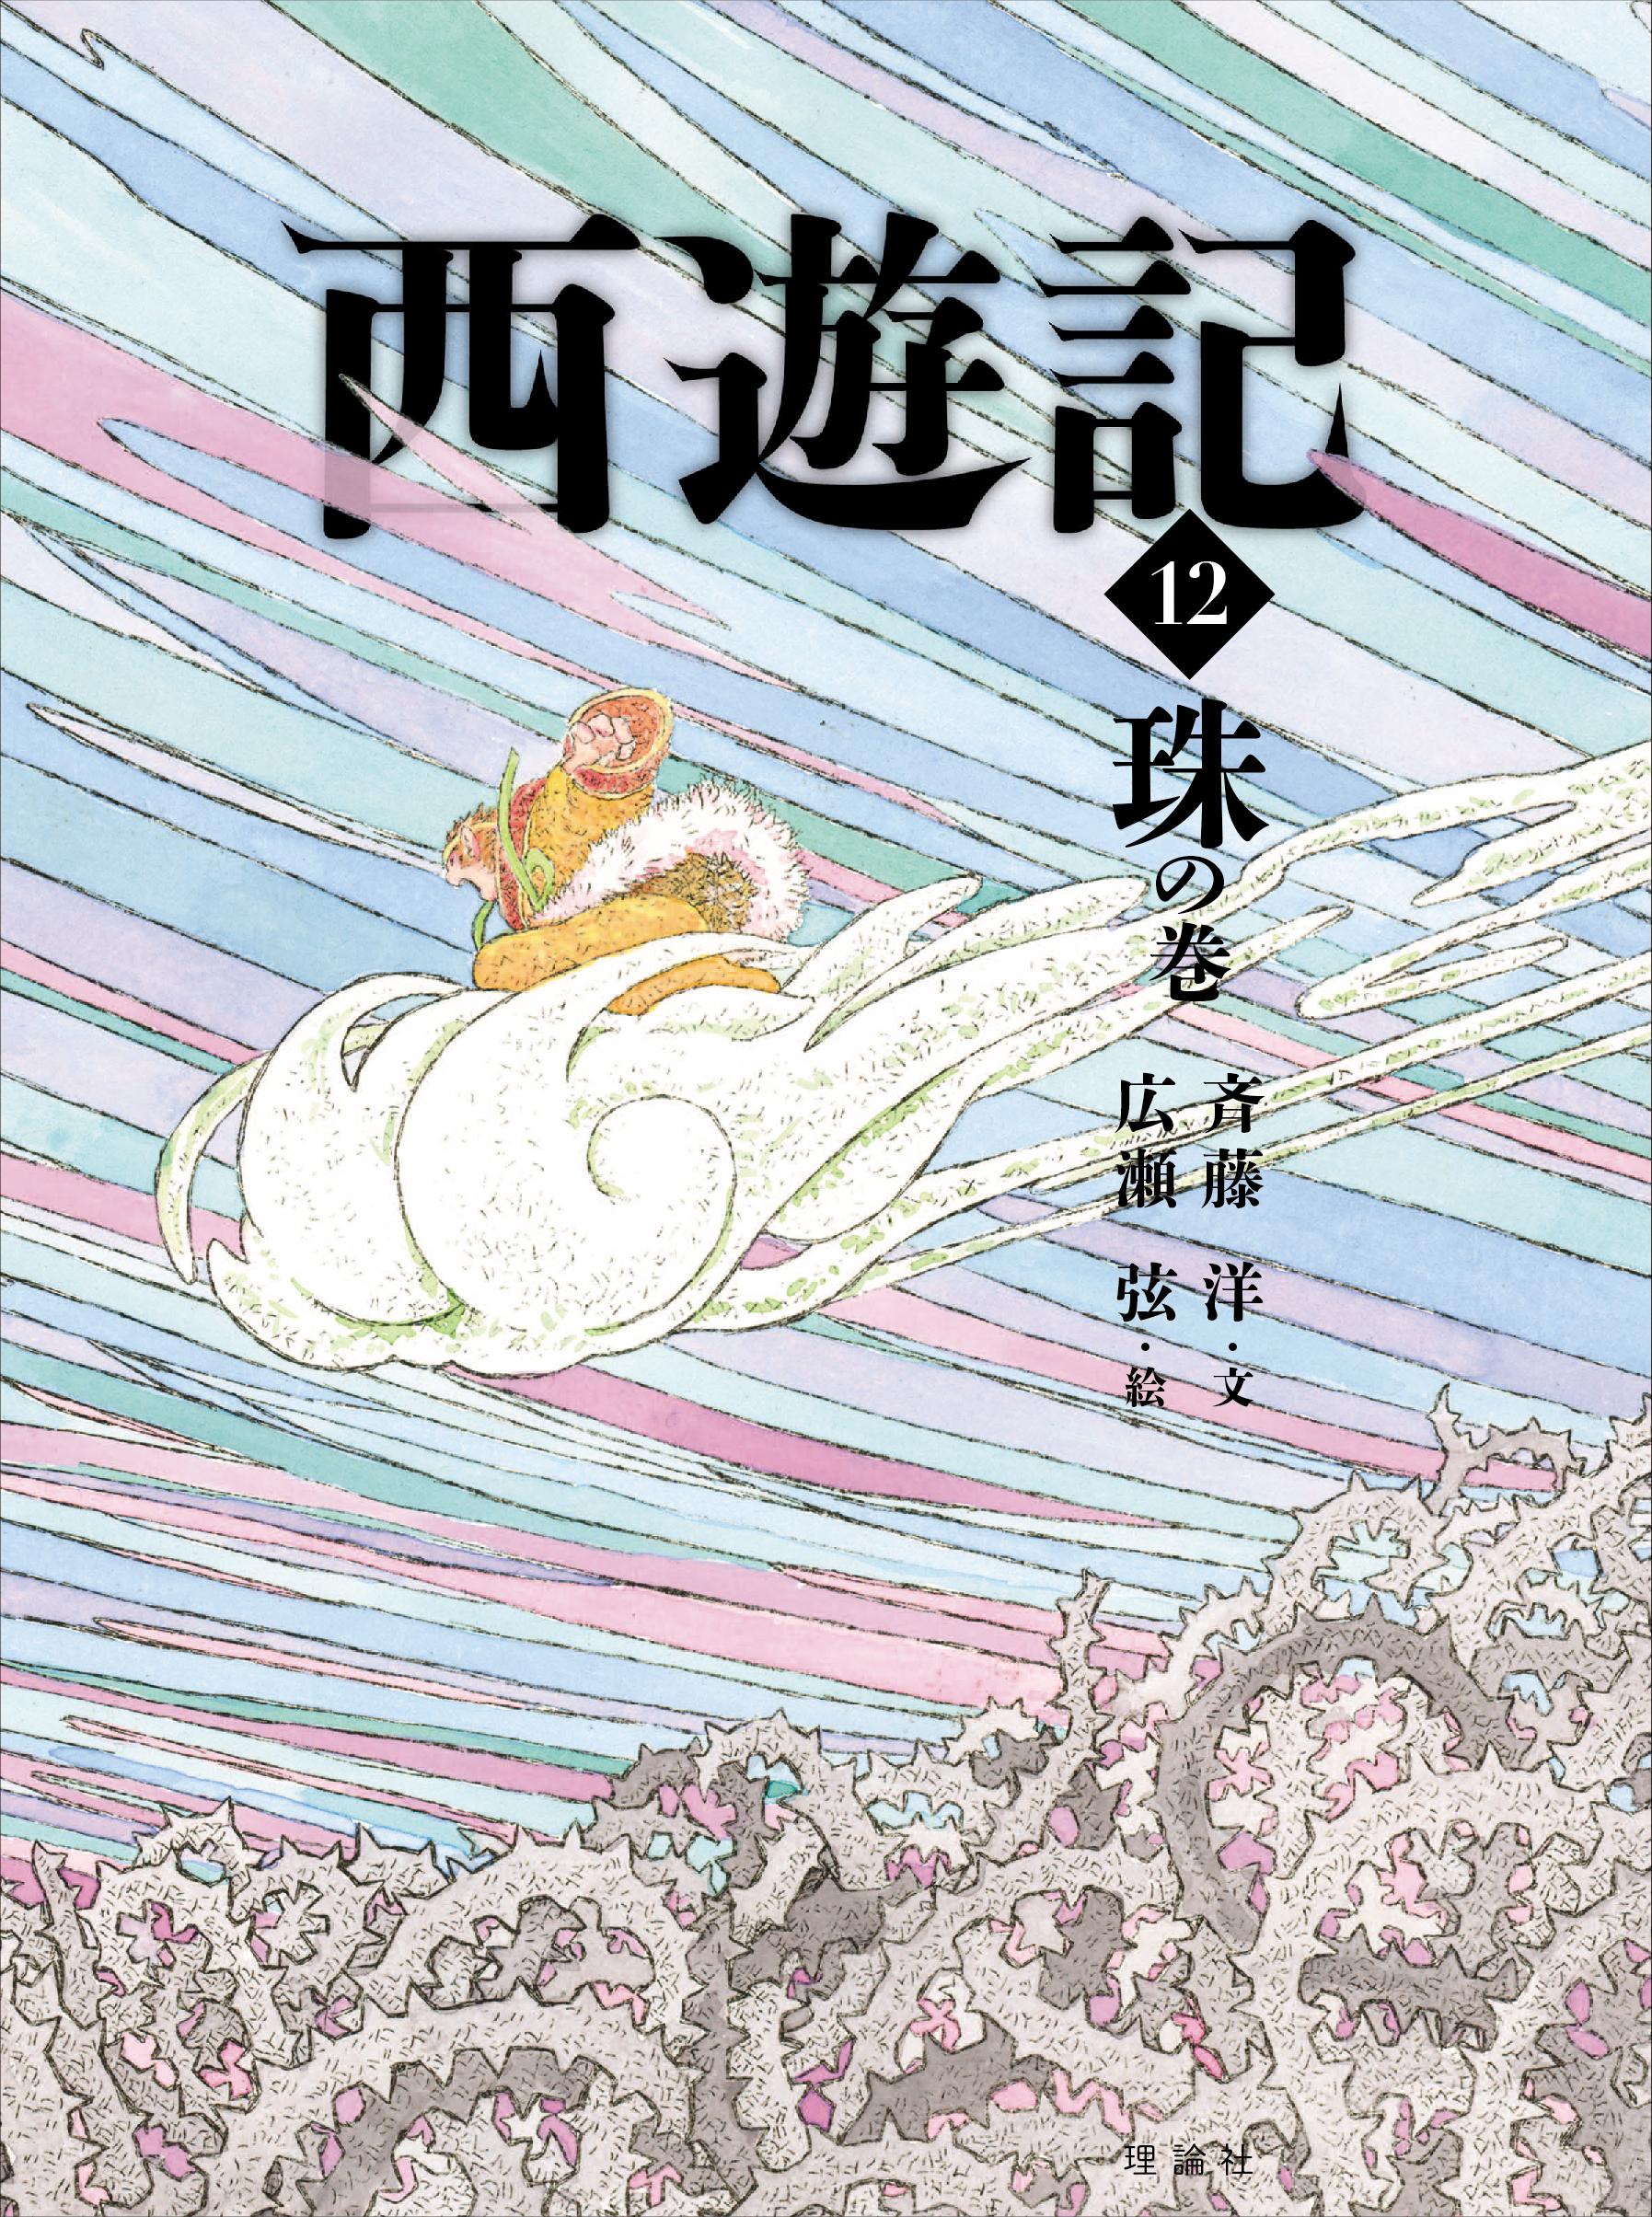 ファンタジー・アドベンチャー西遊記 (12)珠の巻